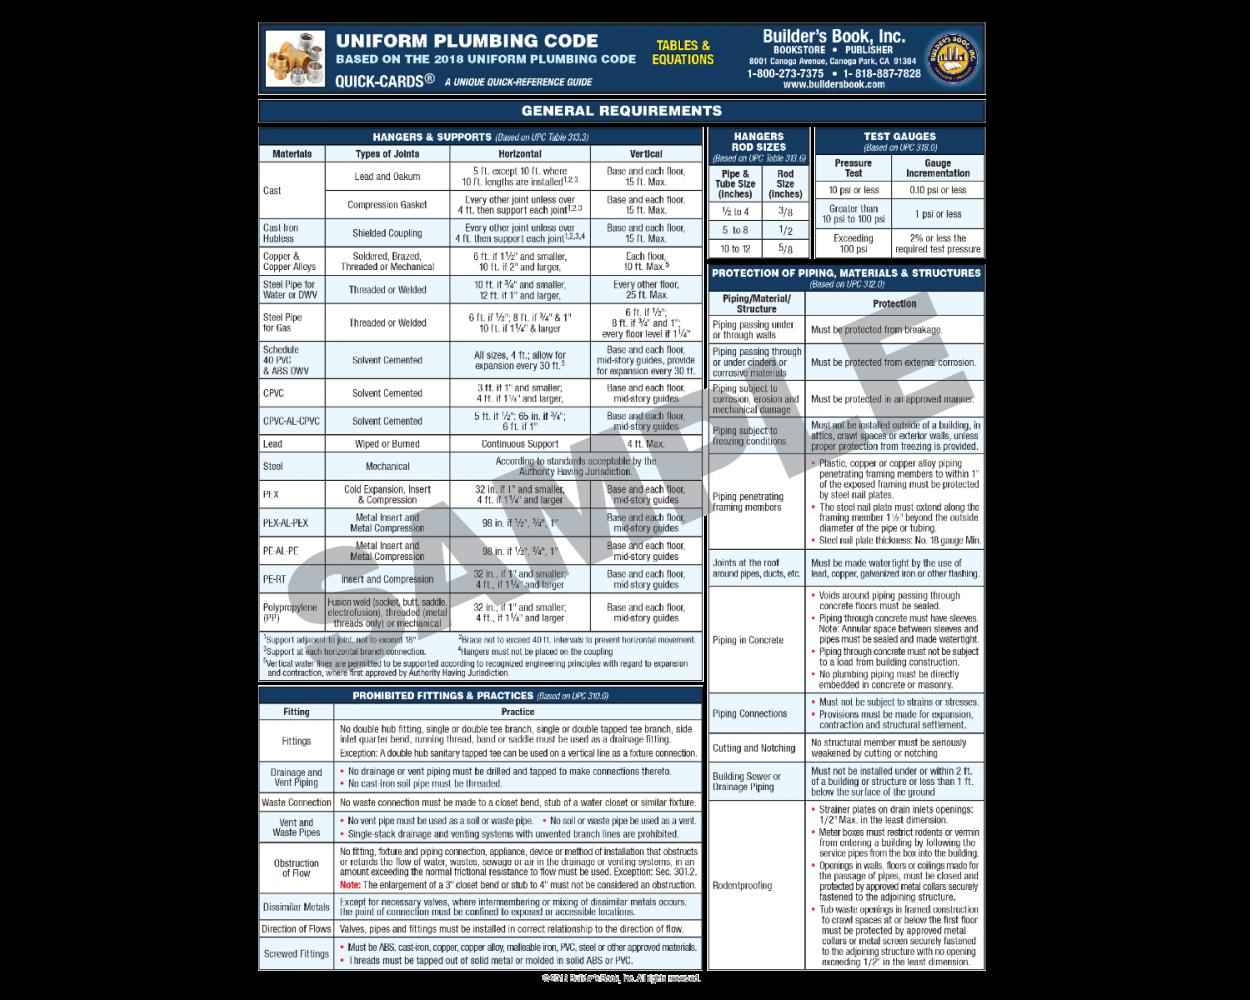 2018 Uniform Plumbing Code-1